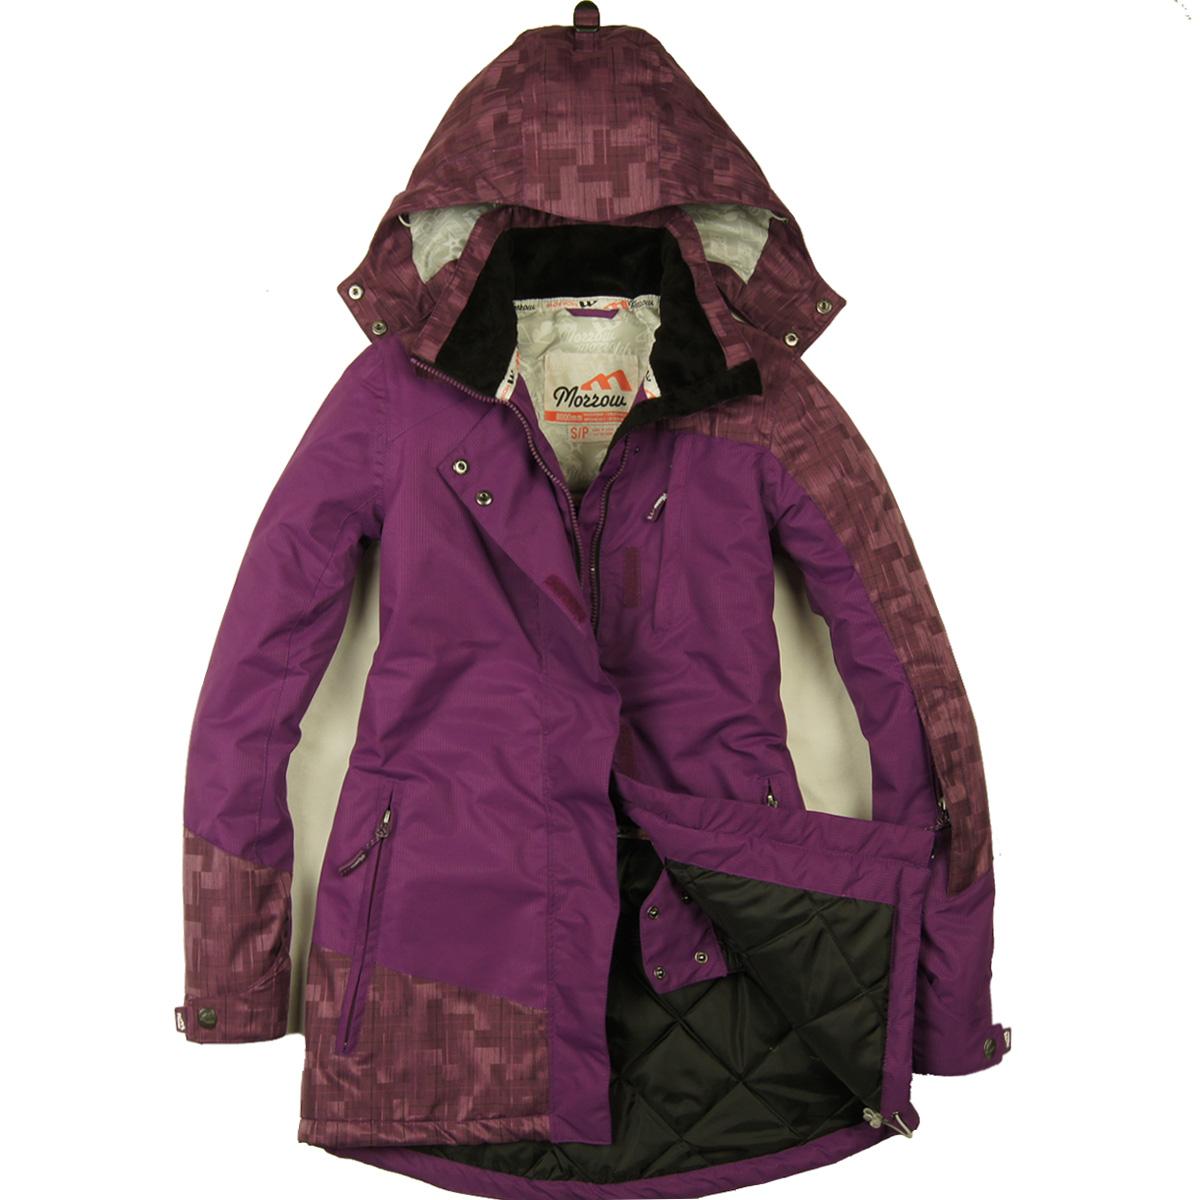 Лыжная одежда Morrow 9300301 13 Morrow Хлопок Полиэстер Зима 2013